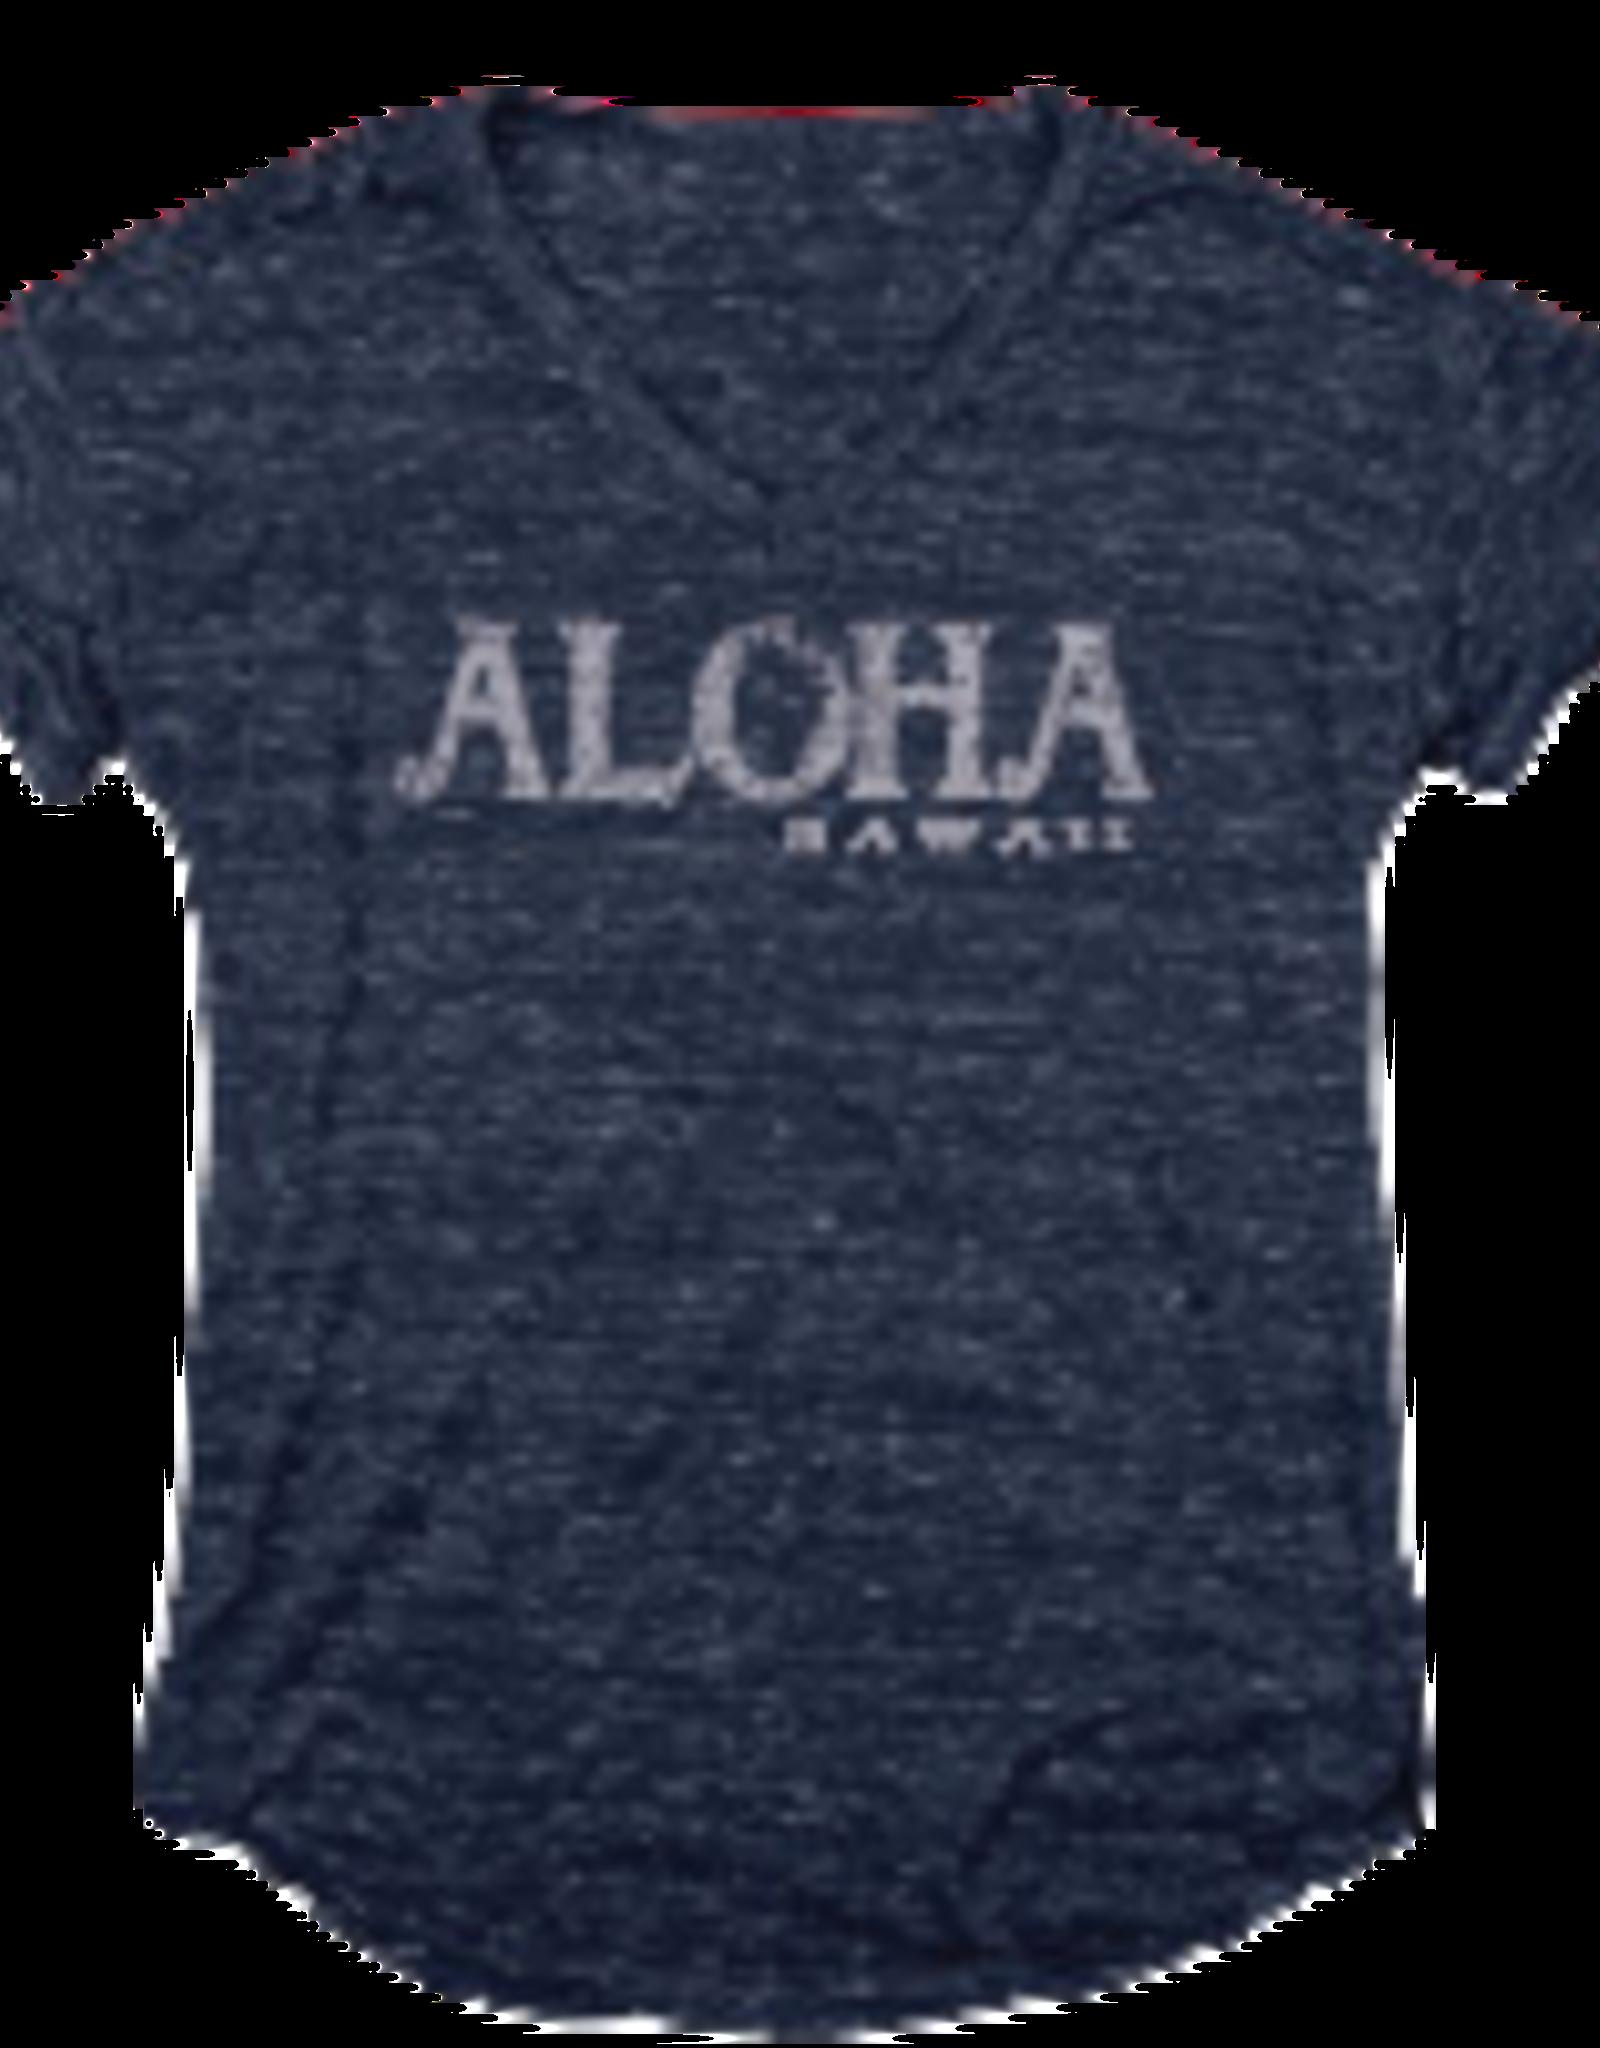 Blue 84 Declared Love Aloha HI Chain Ladies T-shirt